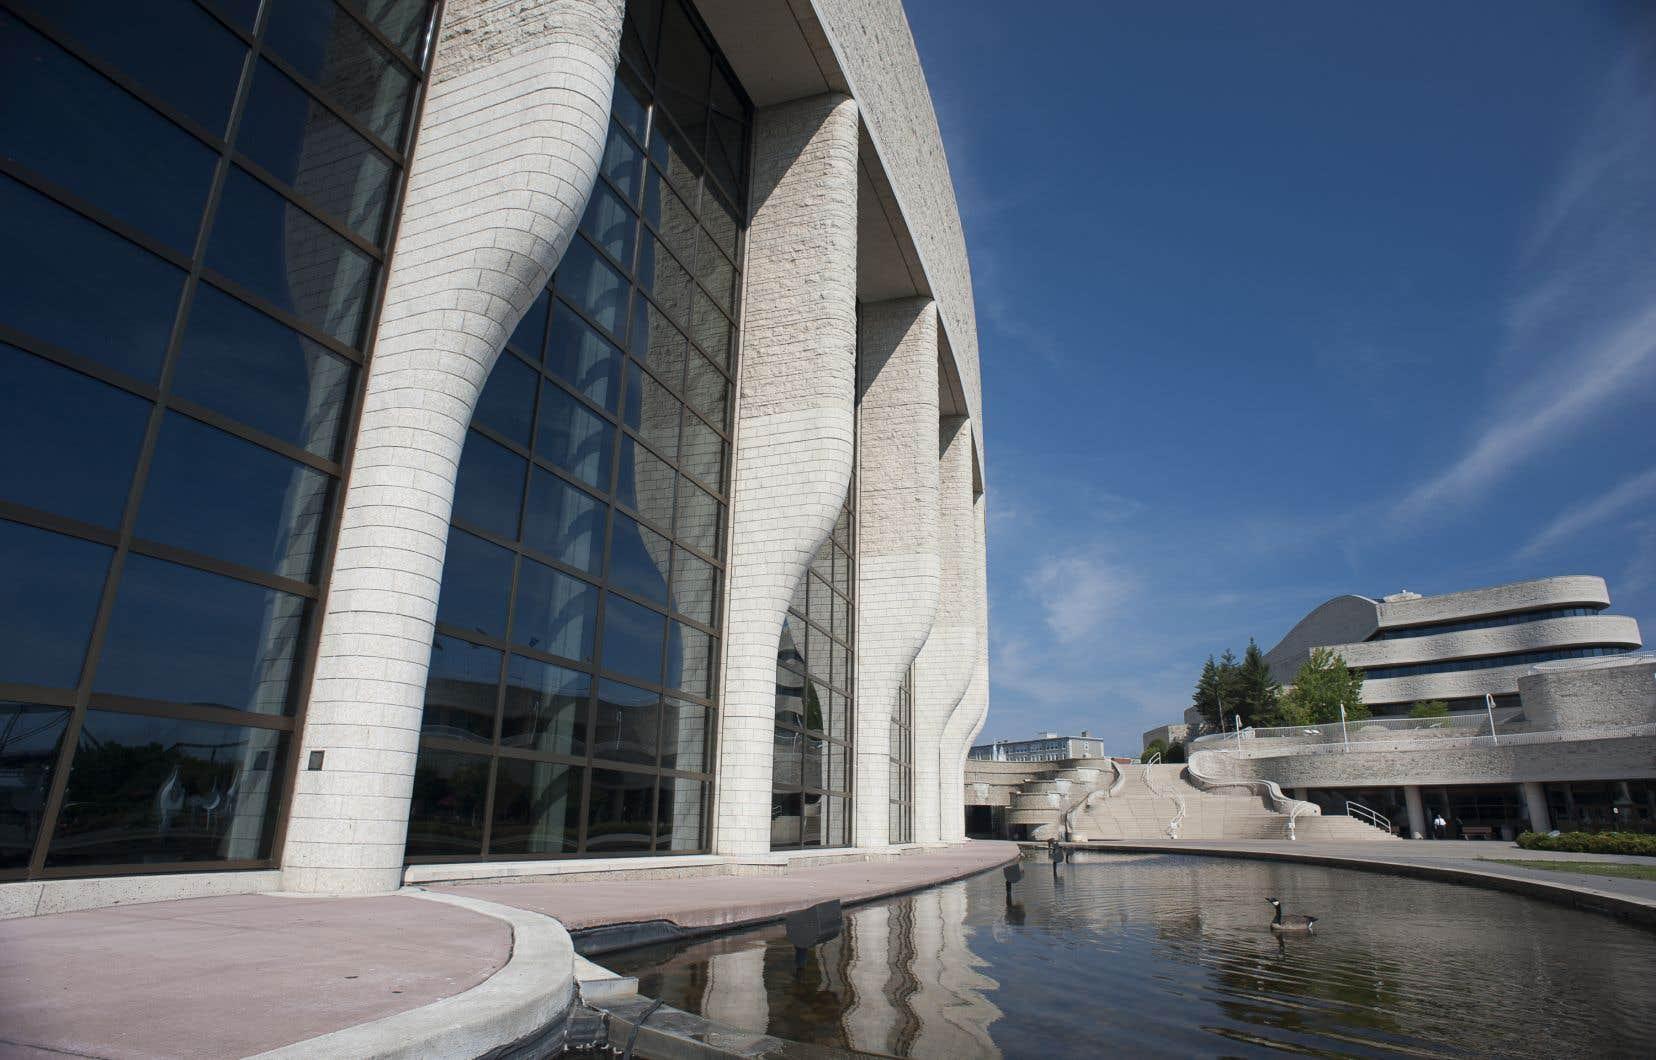 Le bâtiment du Musée canadien de l'histoire a été conçu par l'architecte autochtone Douglas Cardinal, qui a voulu intégrer sa création au paysage.